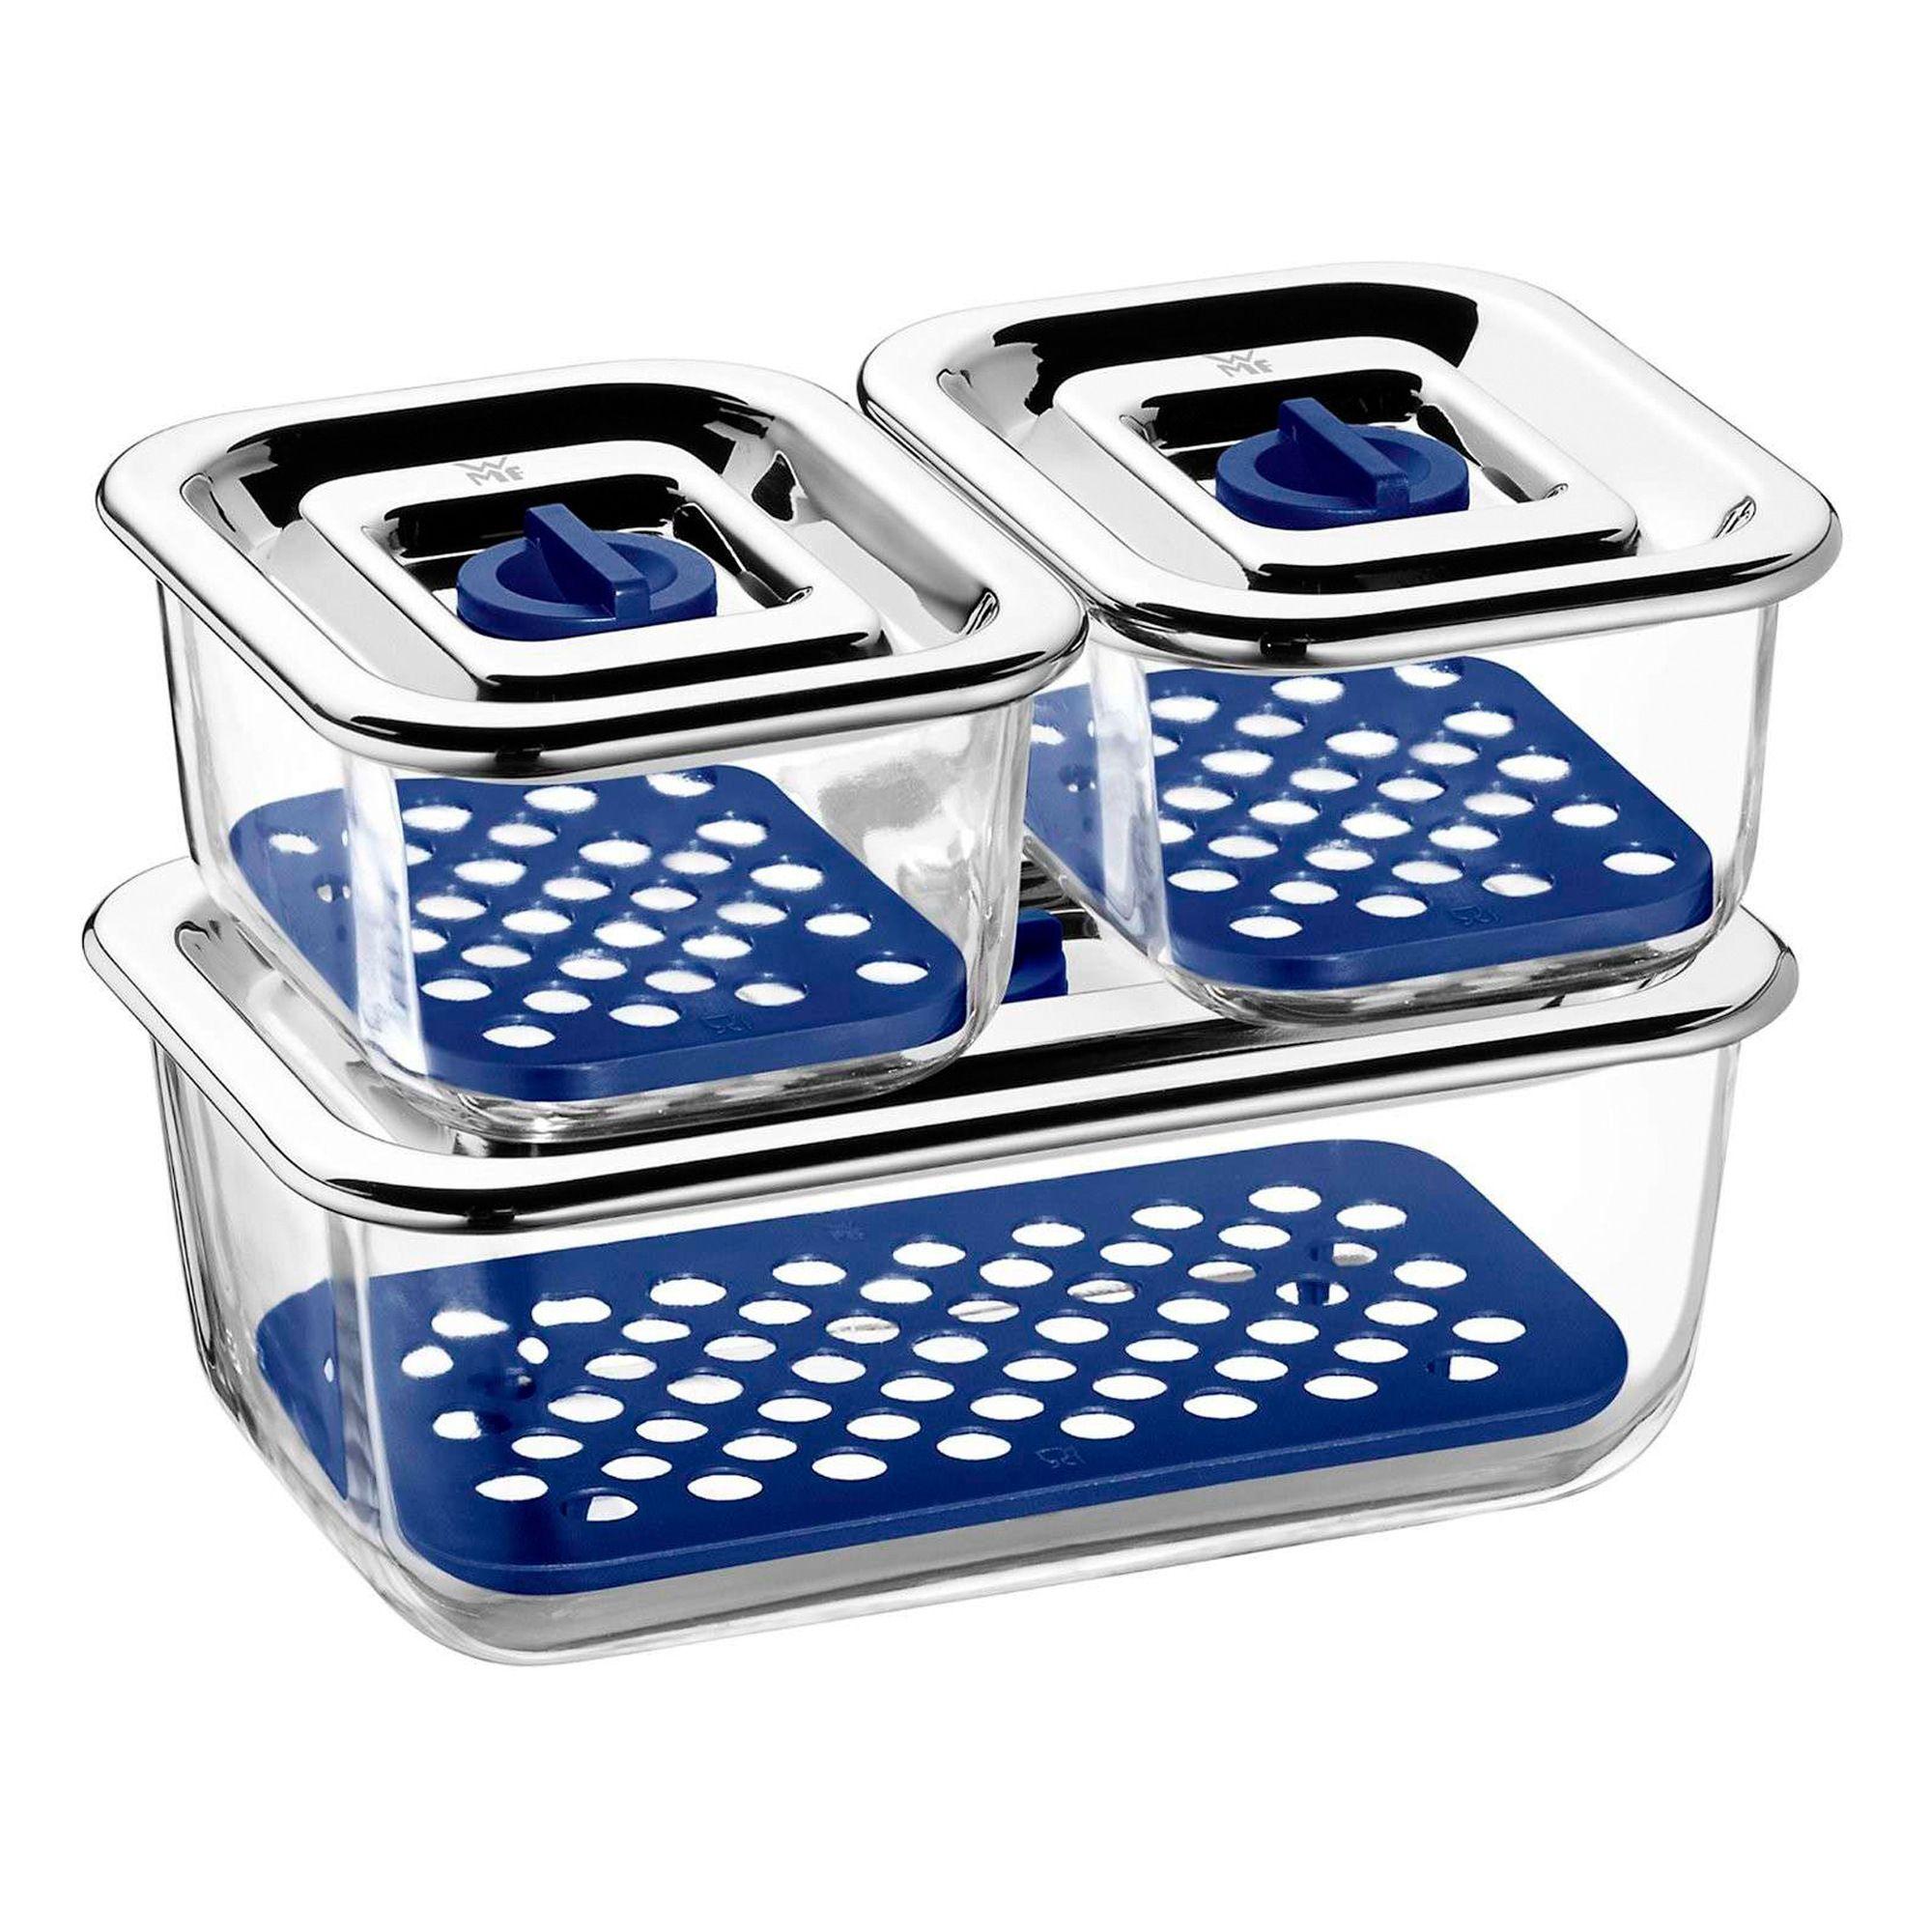 WMF Set De 3 Recipientes Top Serve Azul, Transparente Y Plateado 0,4 L (X) + 1,20 L (1)